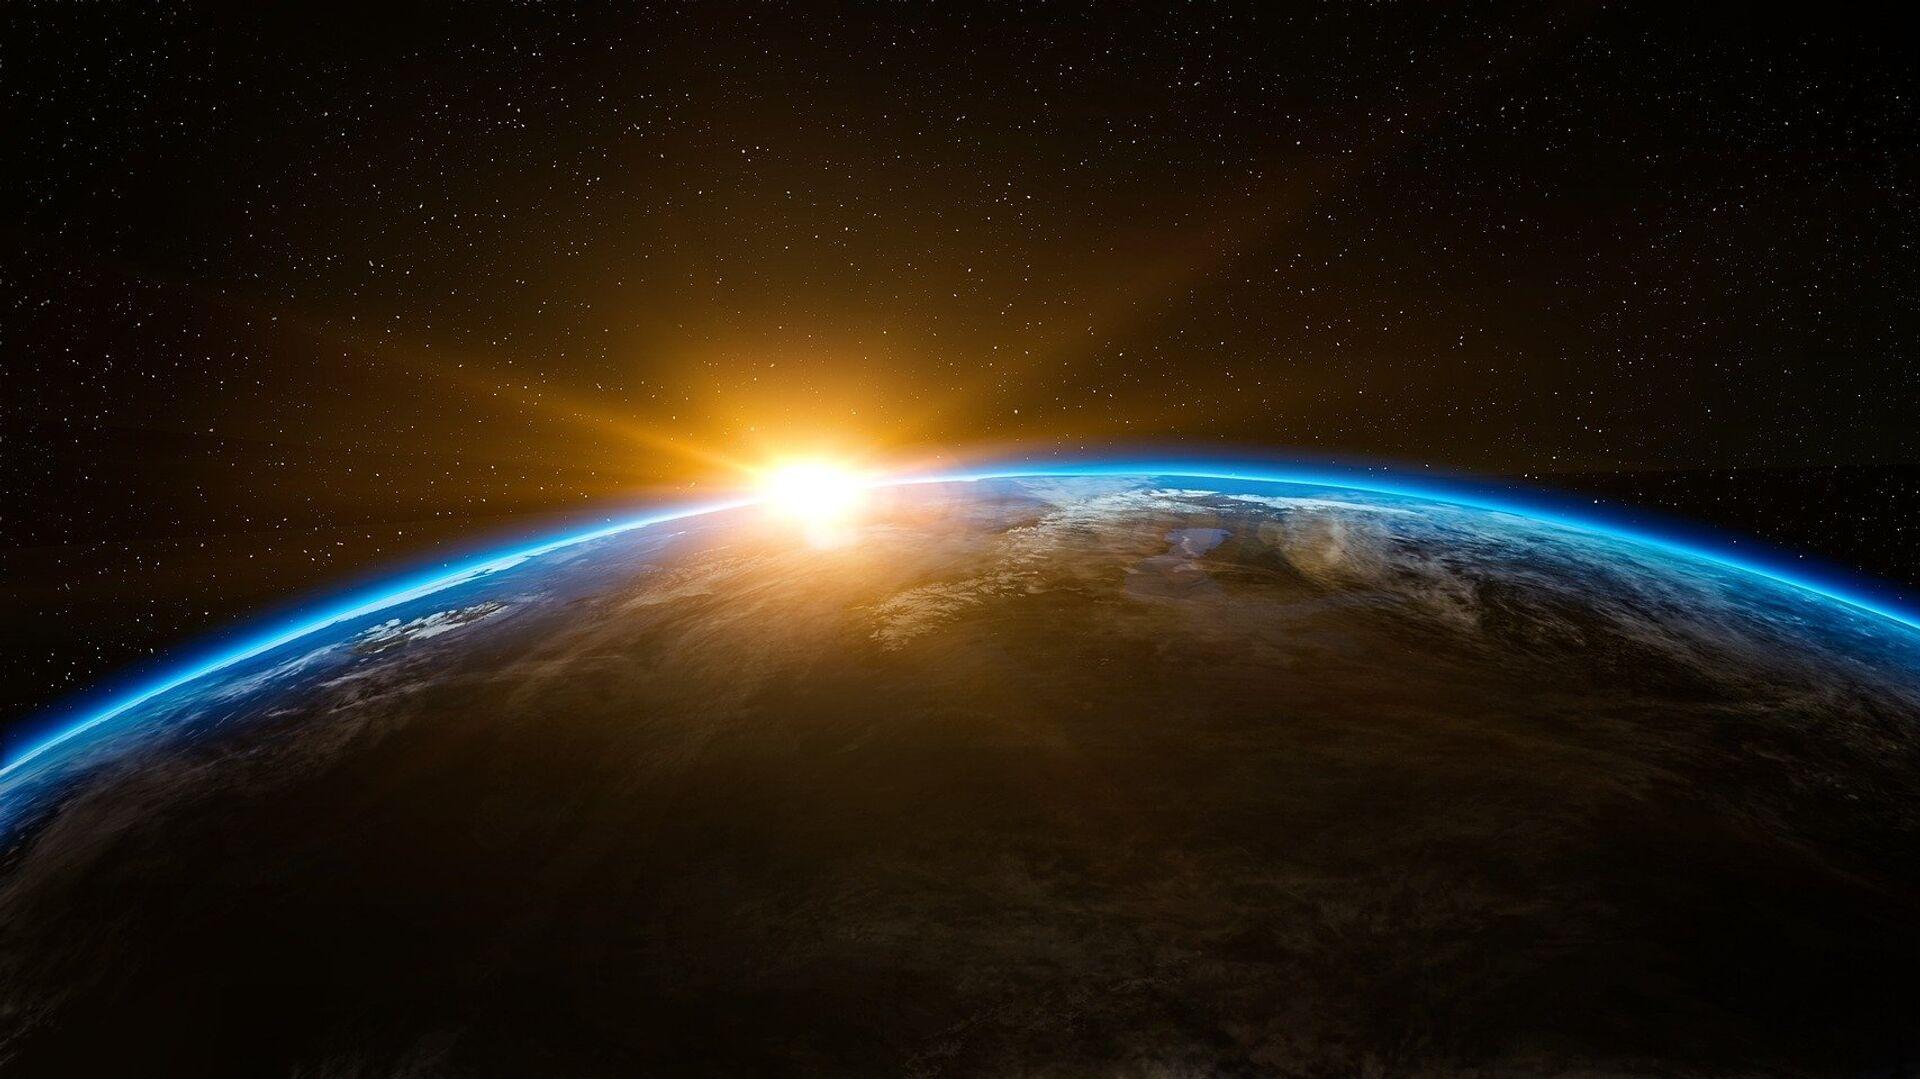 La Tierra - Sputnik Mundo, 1920, 09.04.2021